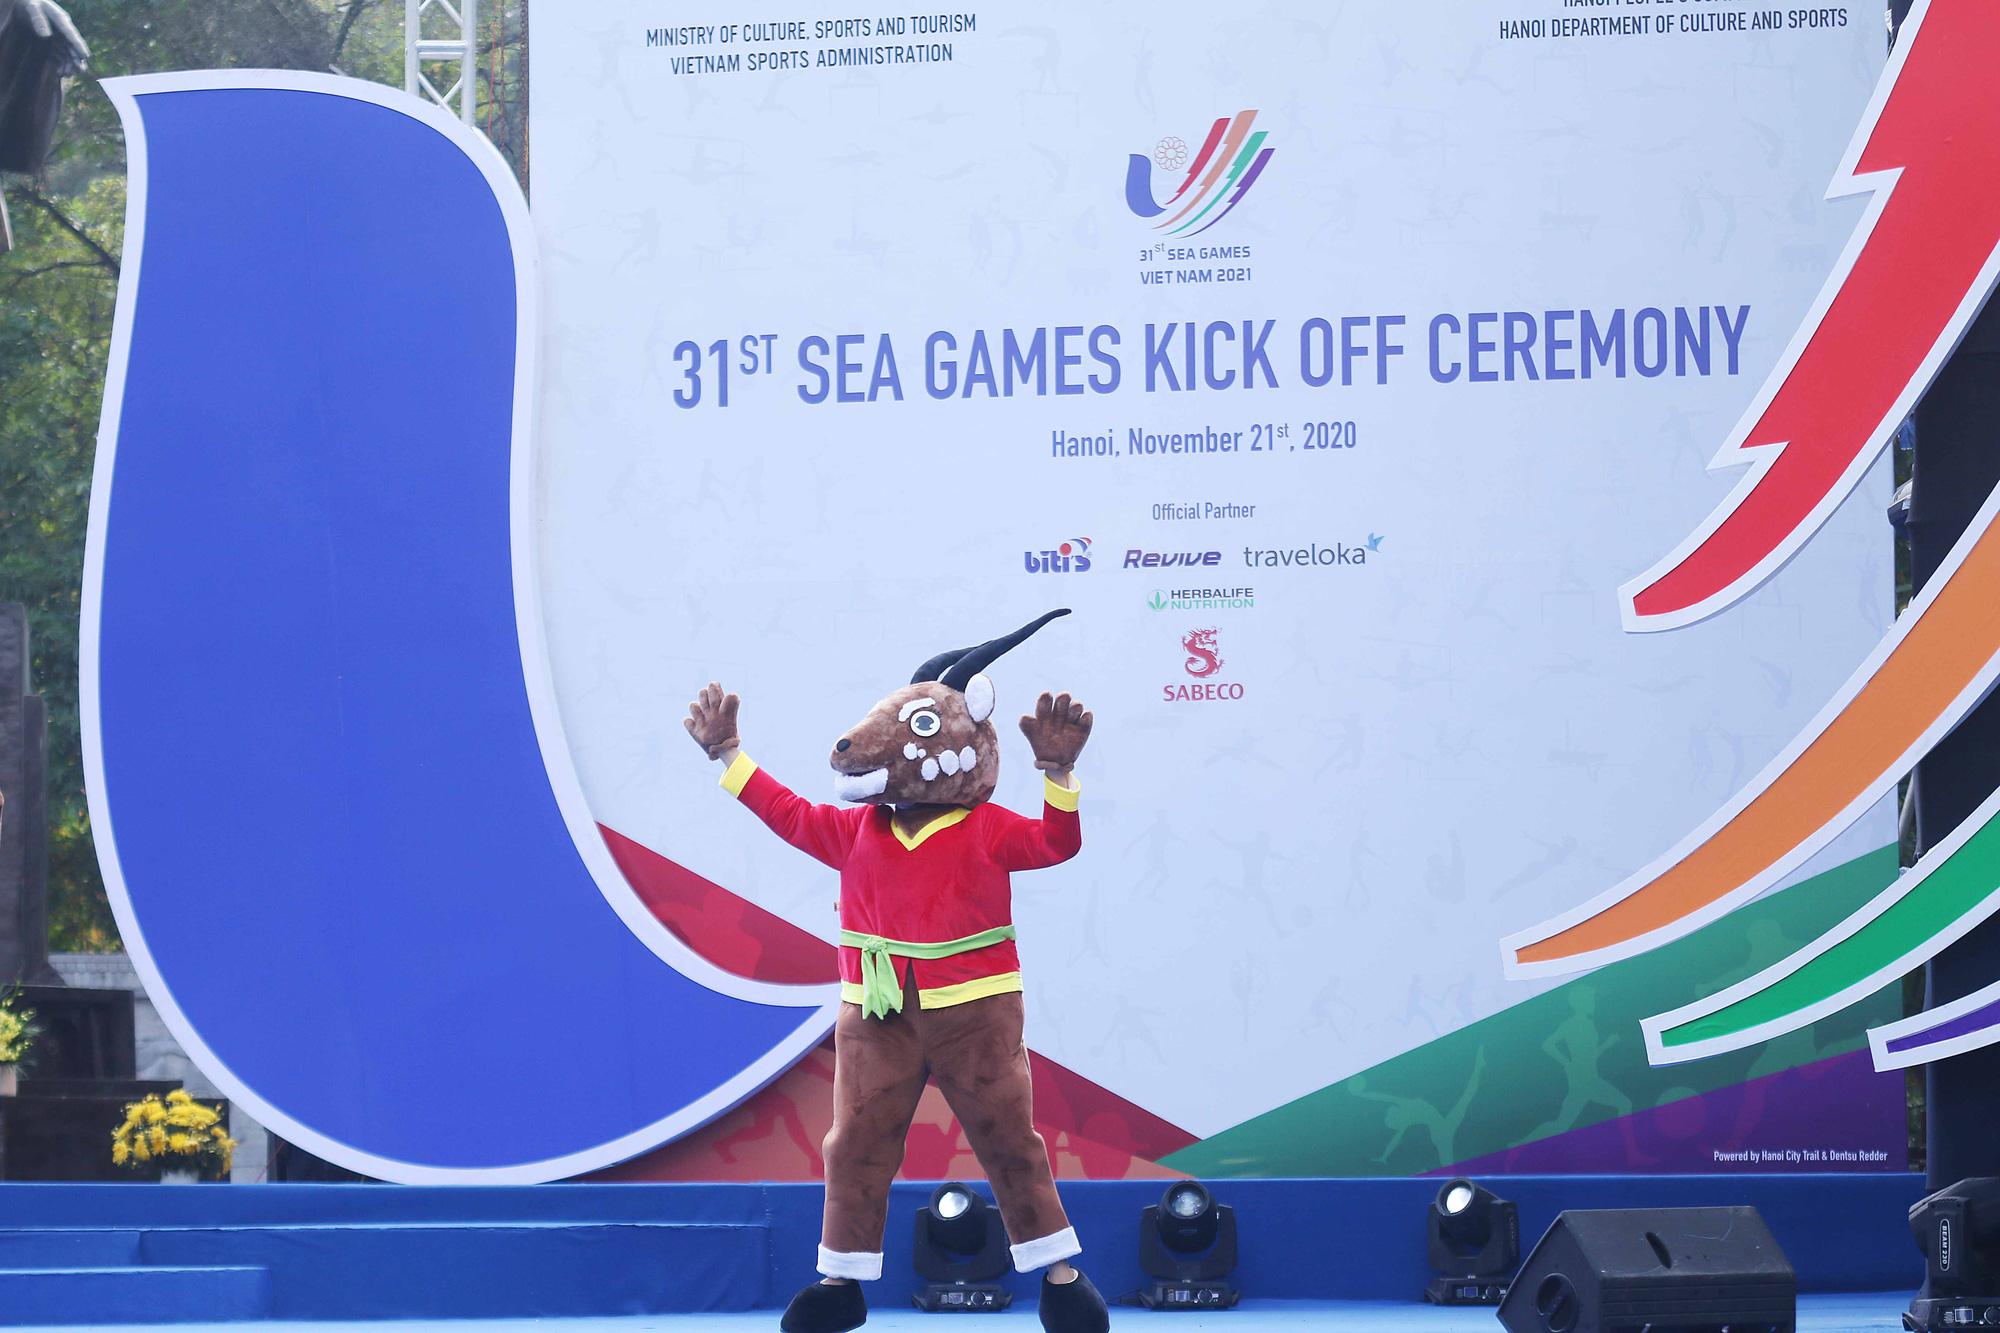 Khởi động SEA Games 31 - ngày hội thể thao khu vực ĐNÁ - Ảnh 5.